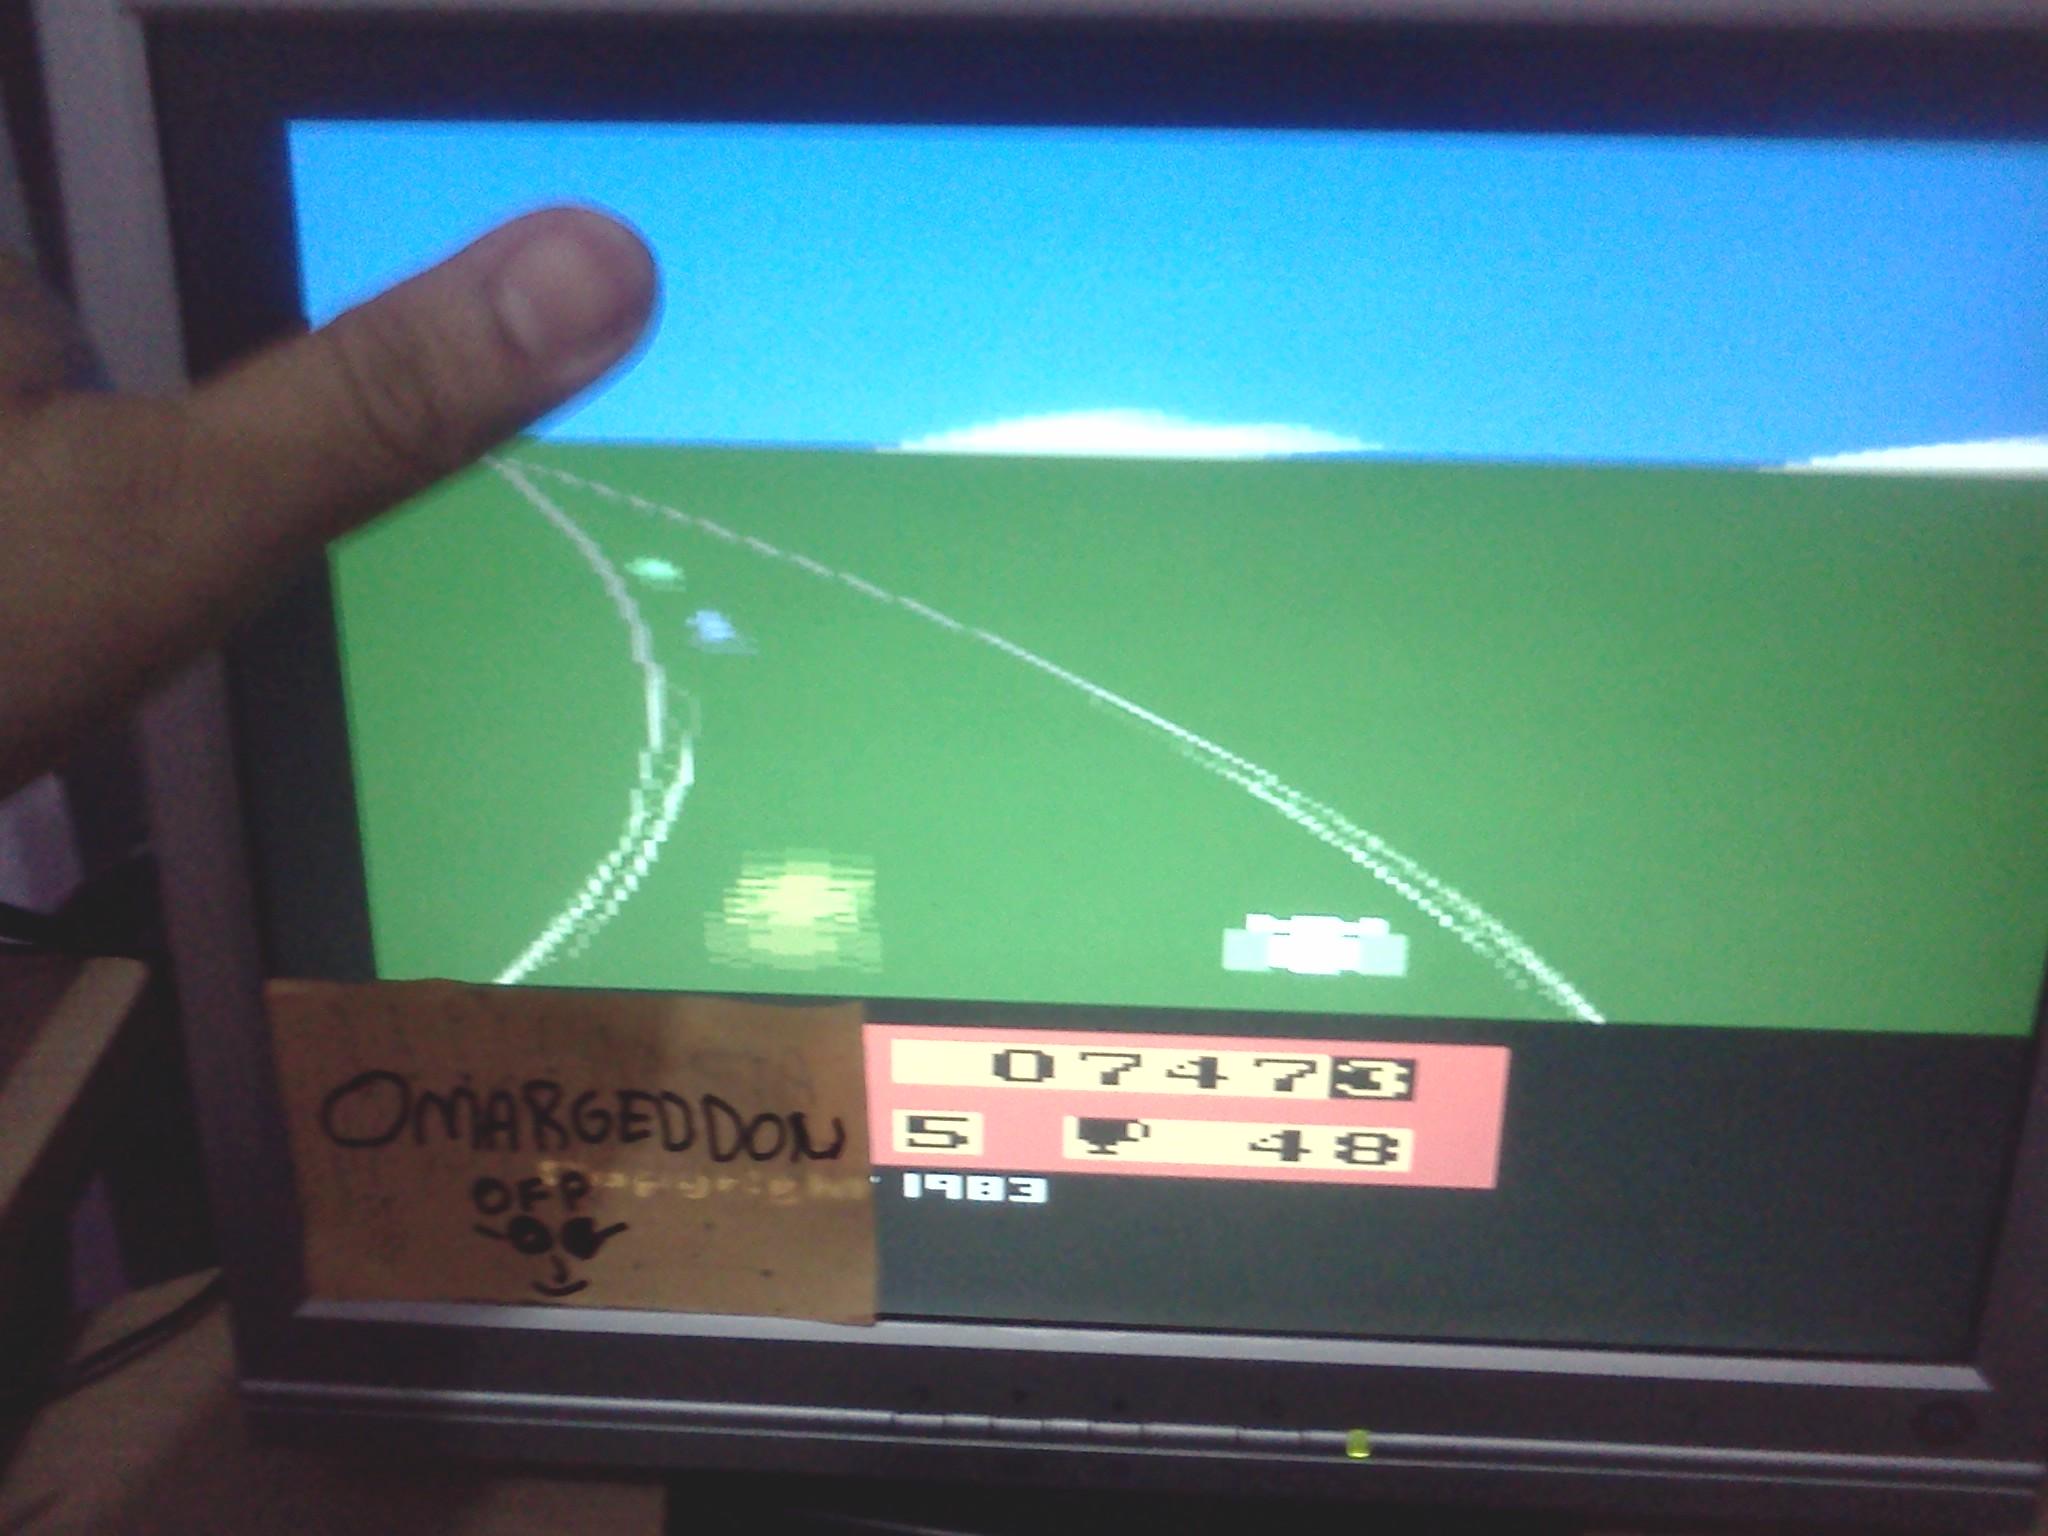 omargeddon: Enduro  (Atari 2600 Emulated Novice/B Mode) 747 points on 2016-07-31 23:27:20